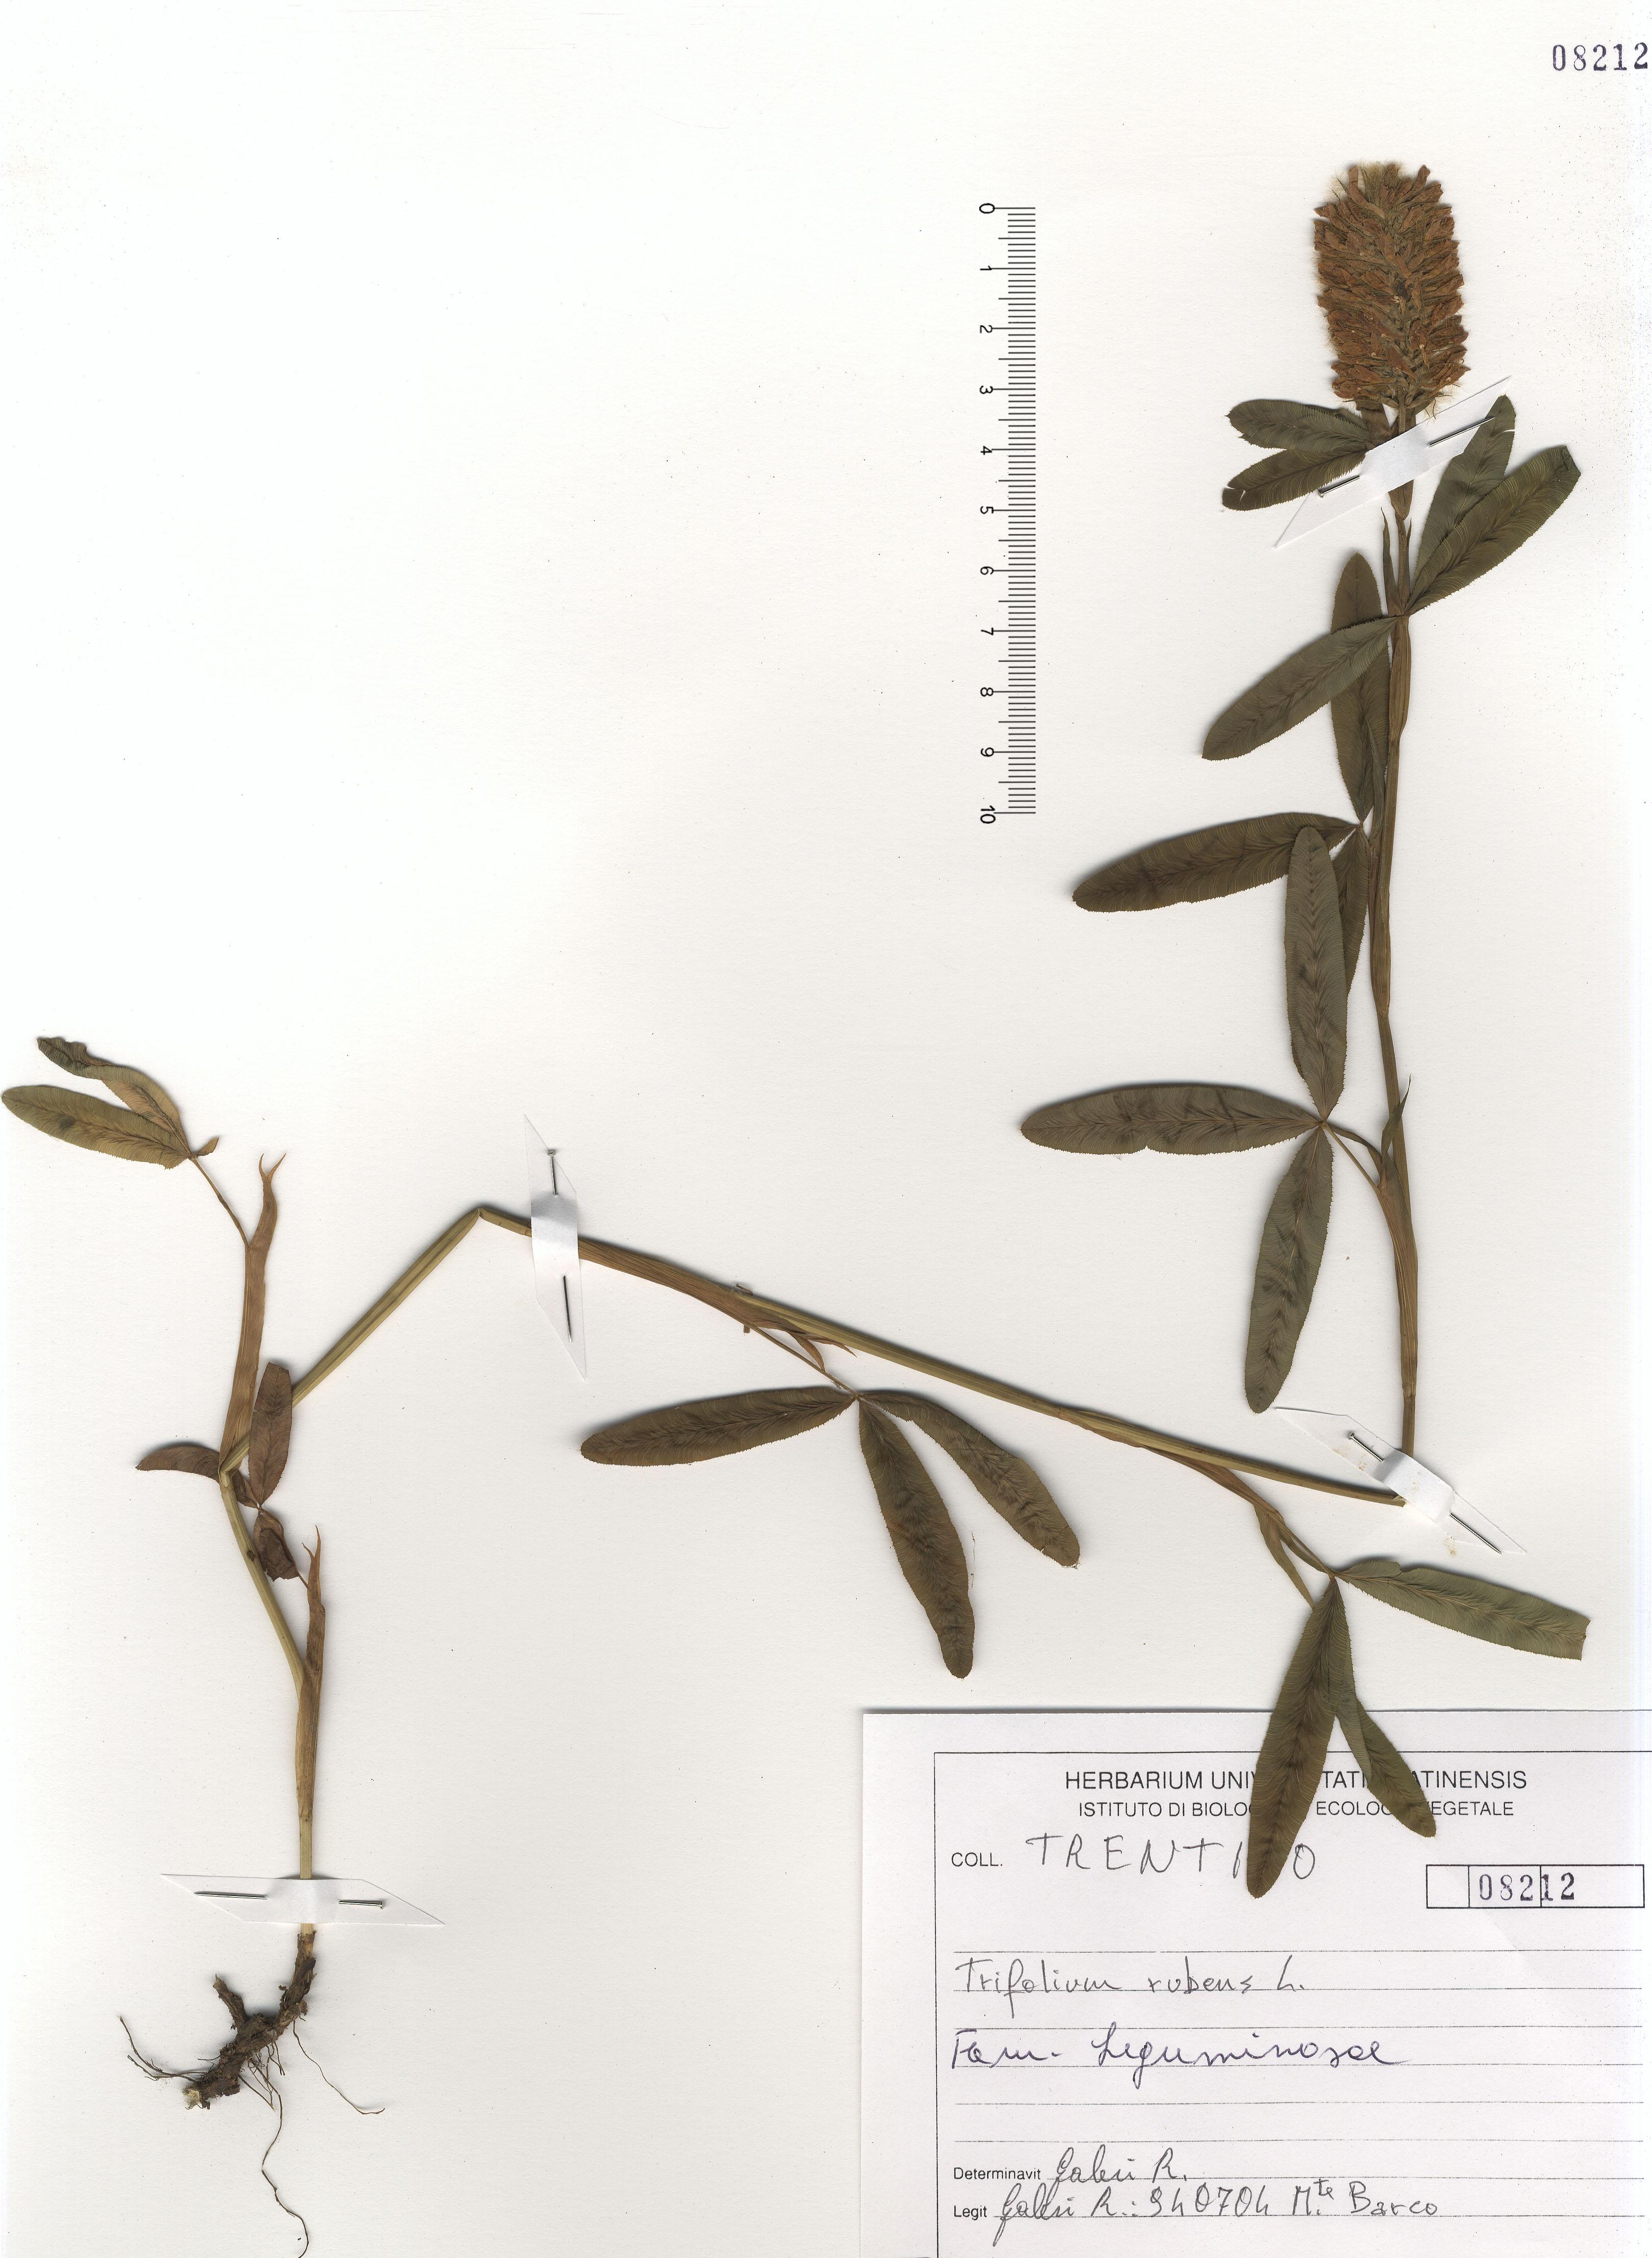 © Hortus Botanicus Catinensis - Herb. sheet 108212<br>